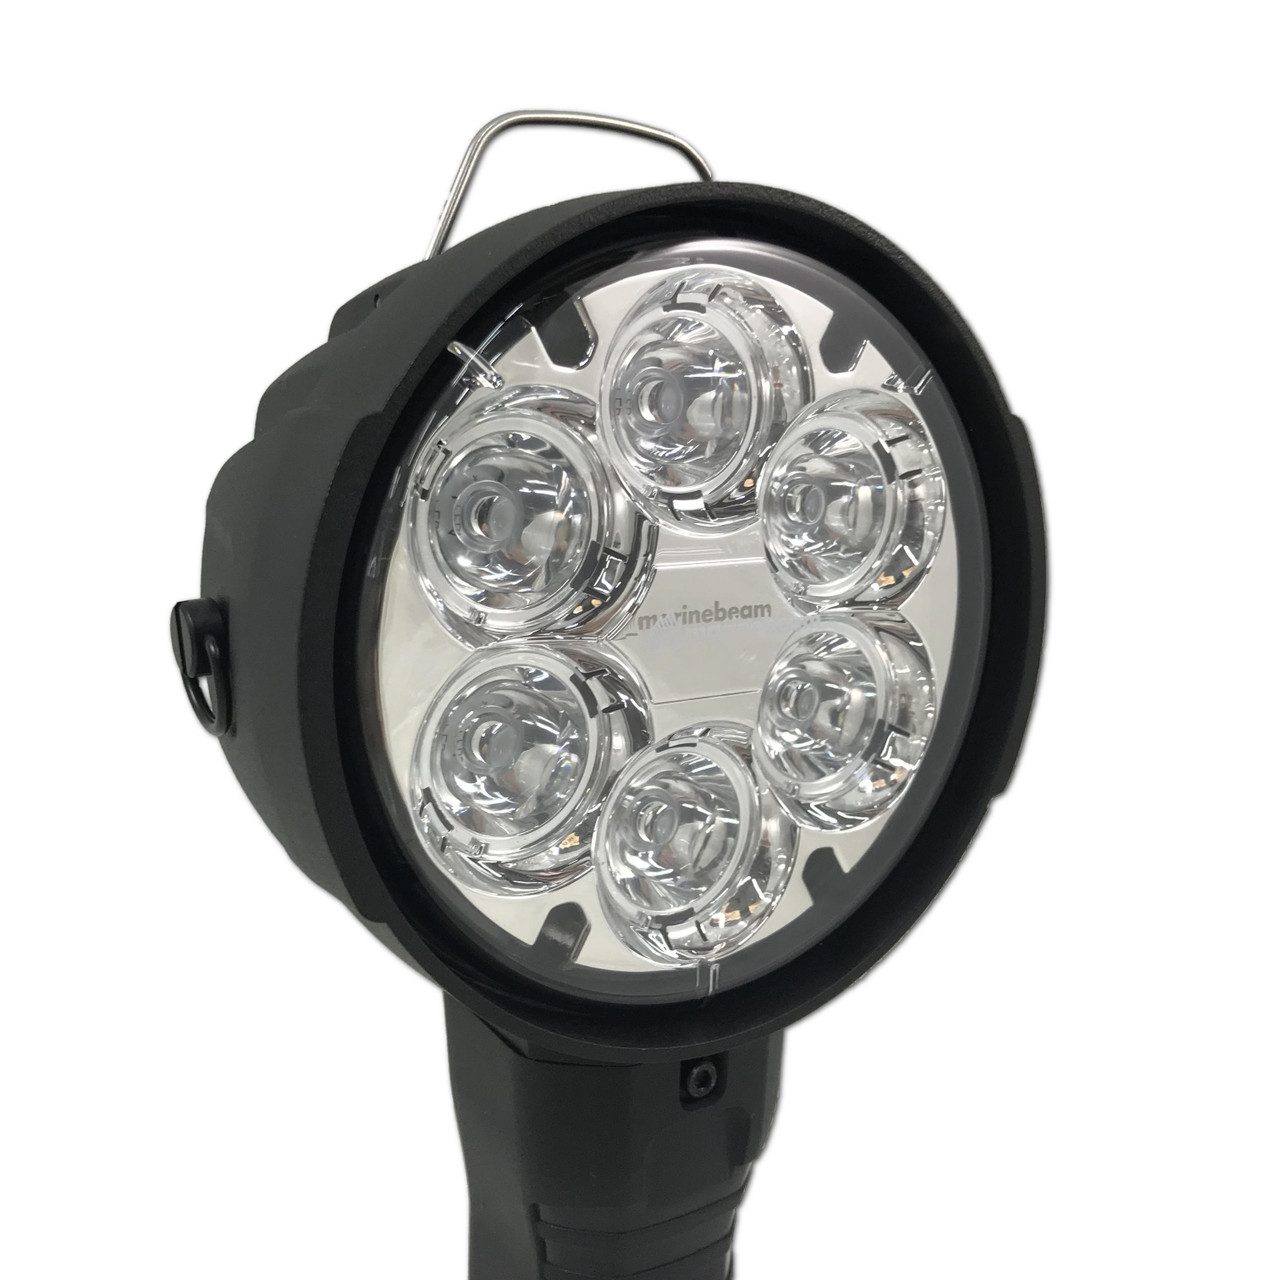 Six High-Output LEDs with TIR Lenses